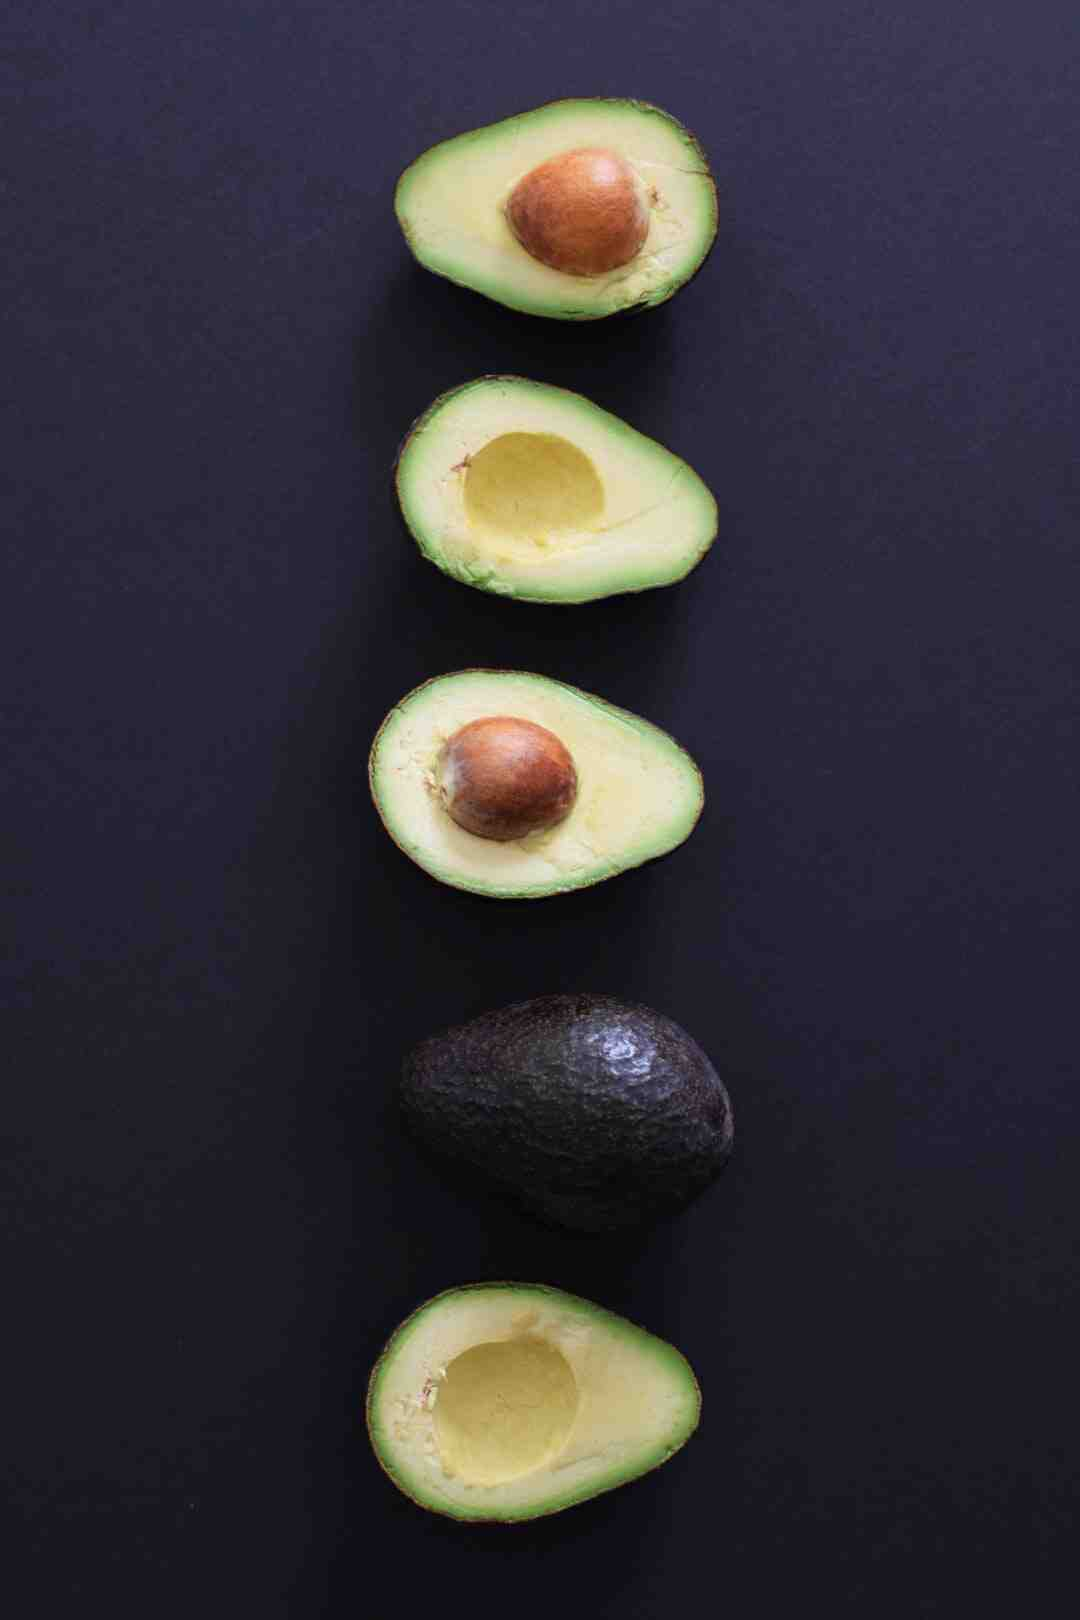 Comment blanchir votre peau avec des fruits